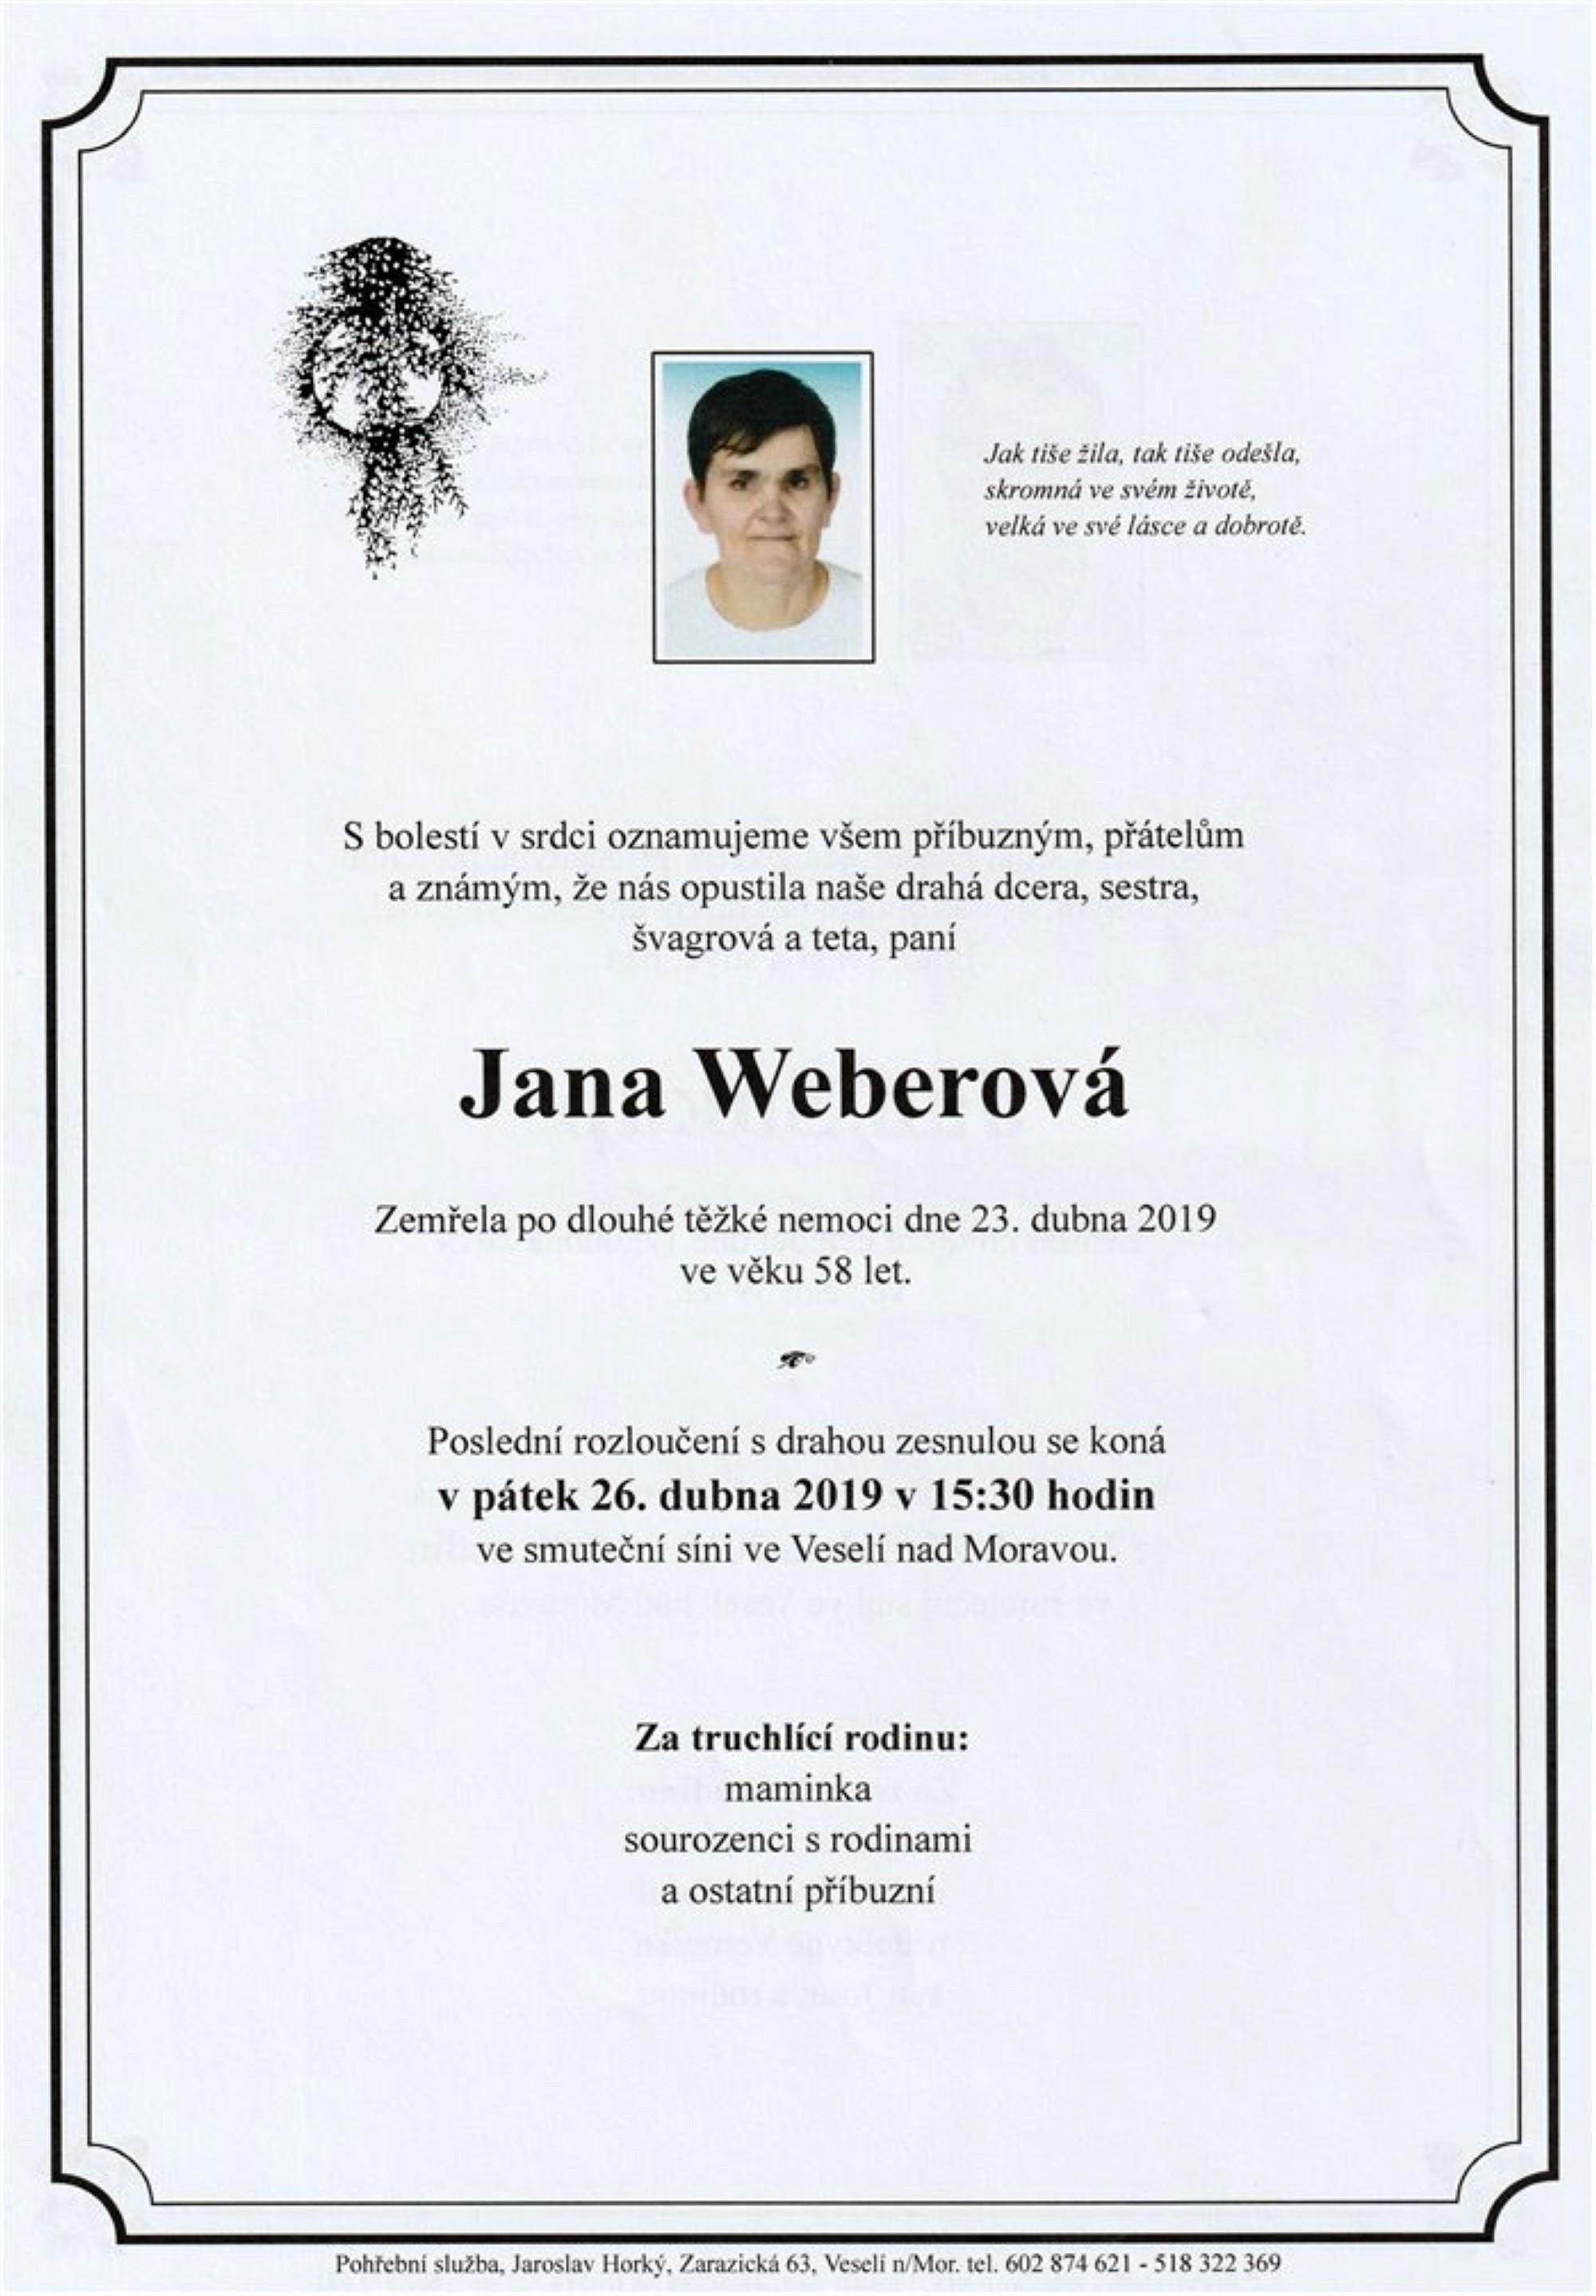 Jana Weberová